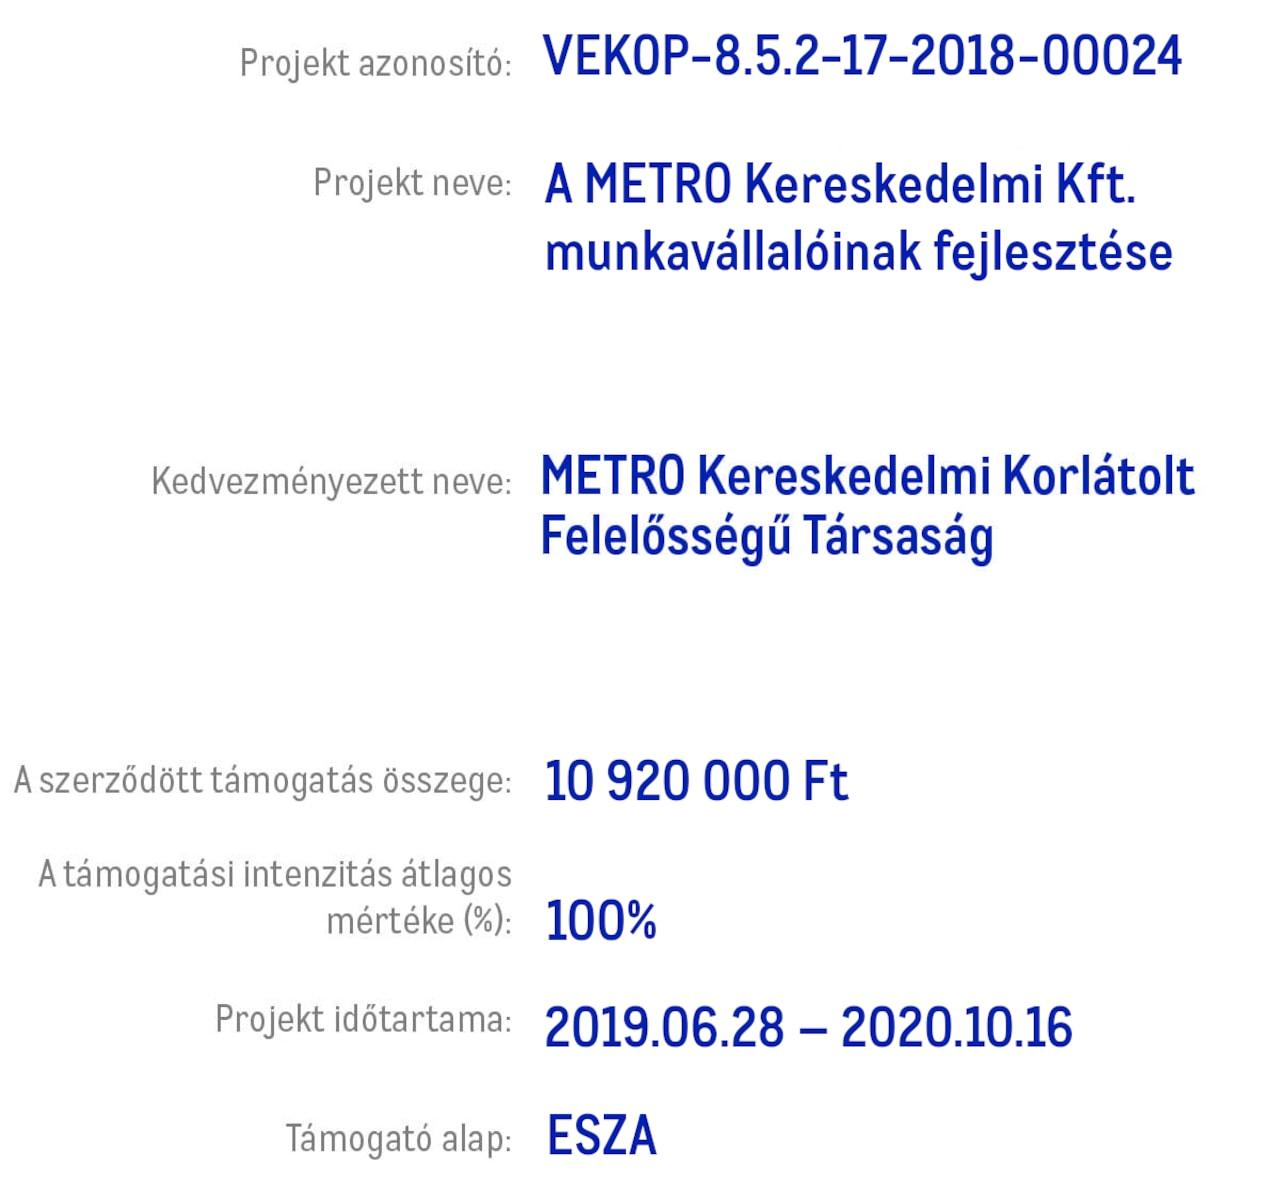 METRO munkavállalóinak fejlesztése